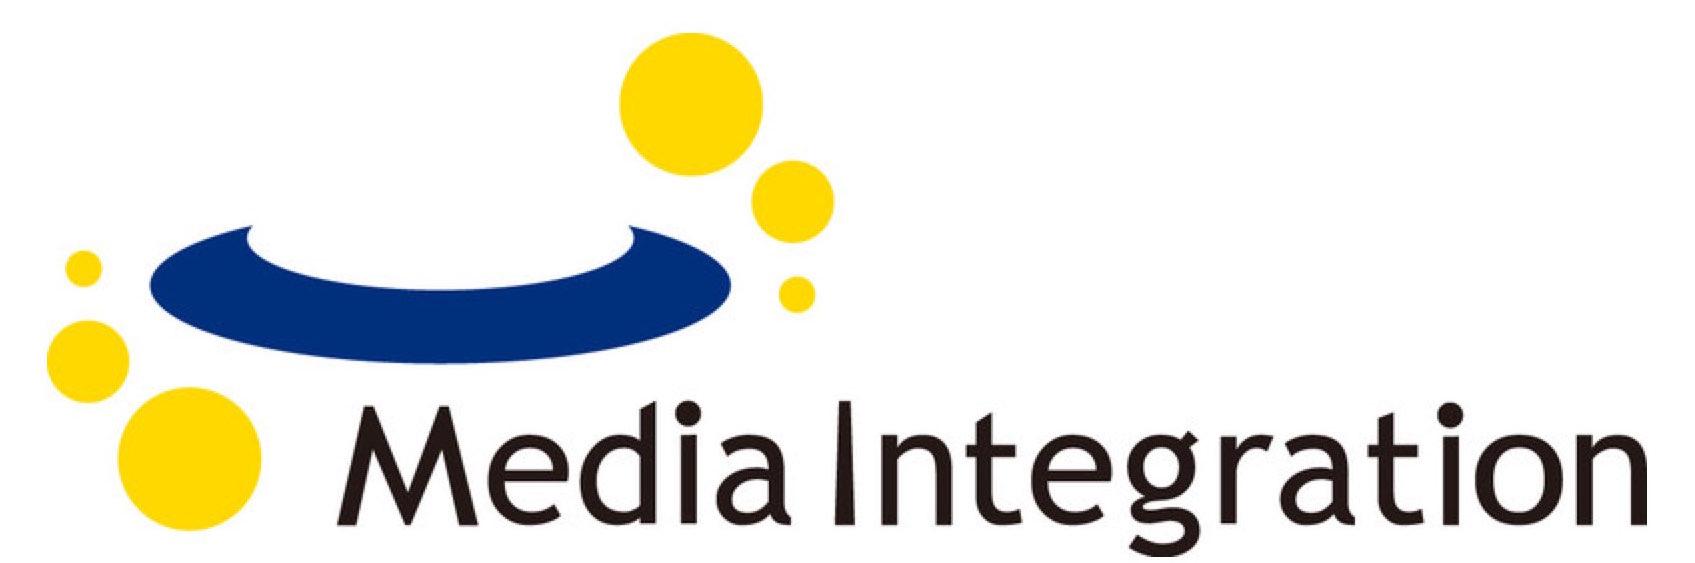 Media-Integration